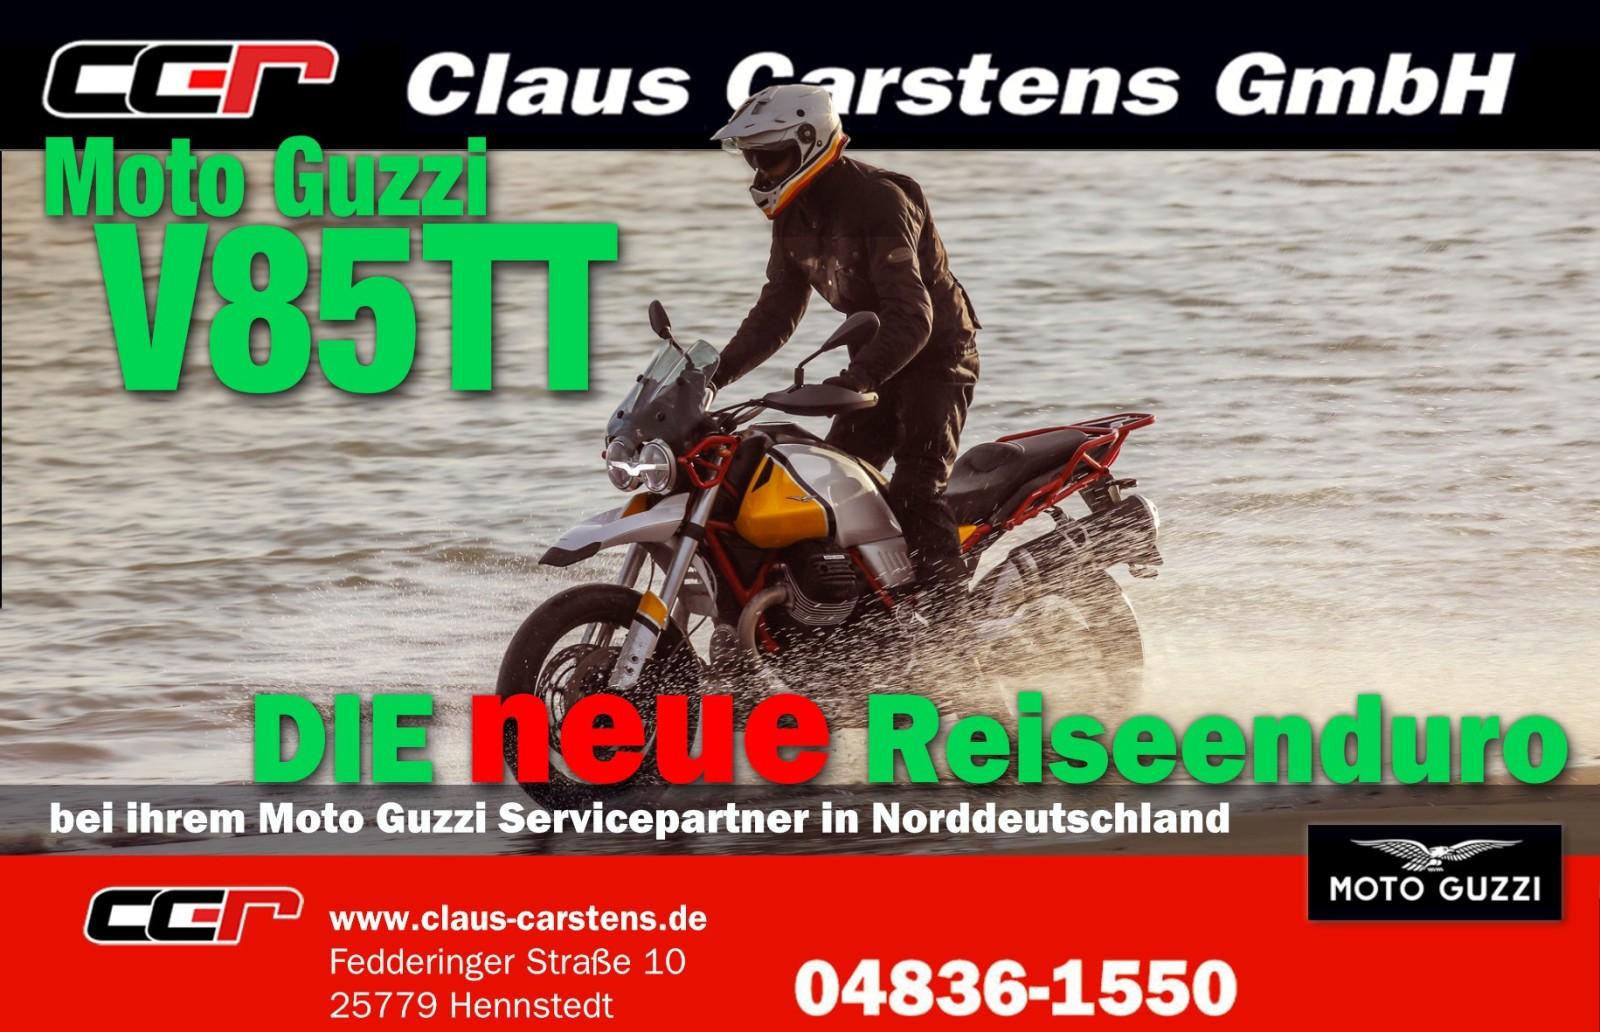 Moto Guzzi V85 TT live in Hennstedt